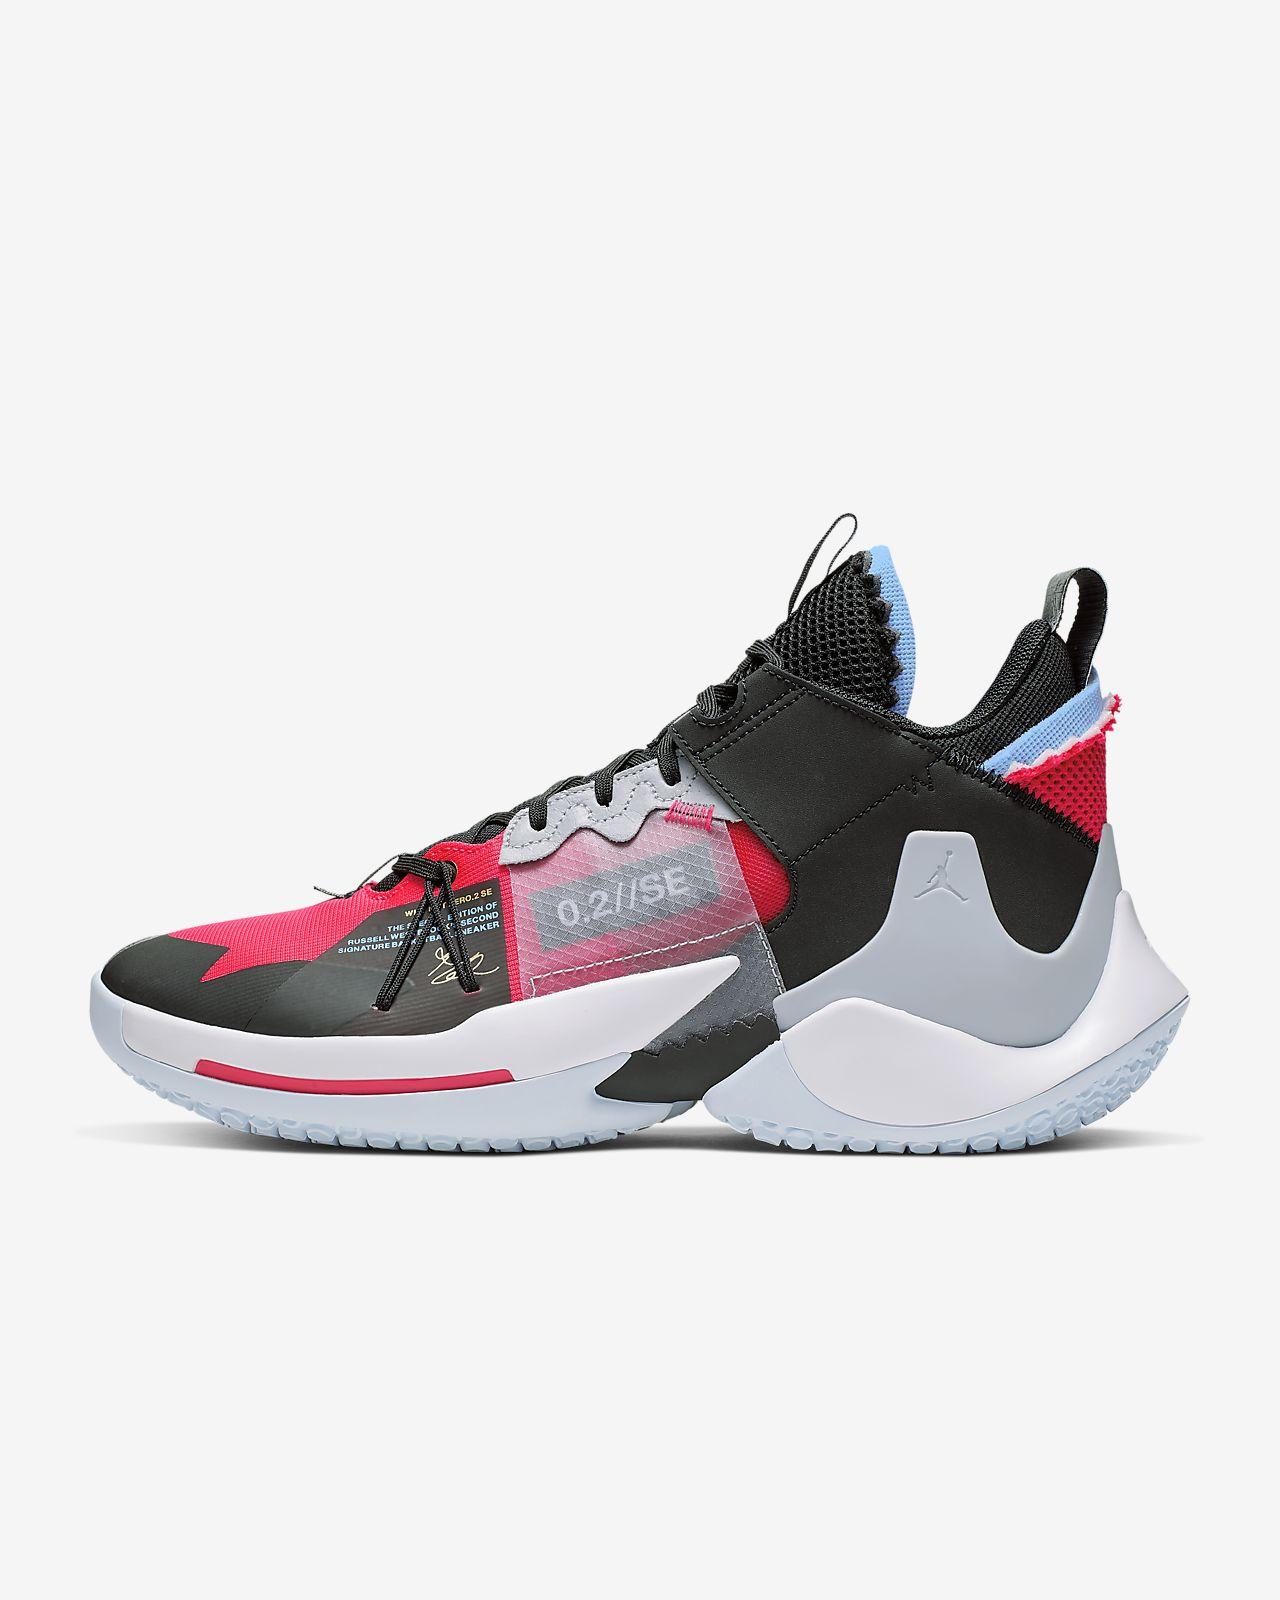 """Pánská basketbalová bota Jordan """"Why Not?"""" Zer0.2 SE"""